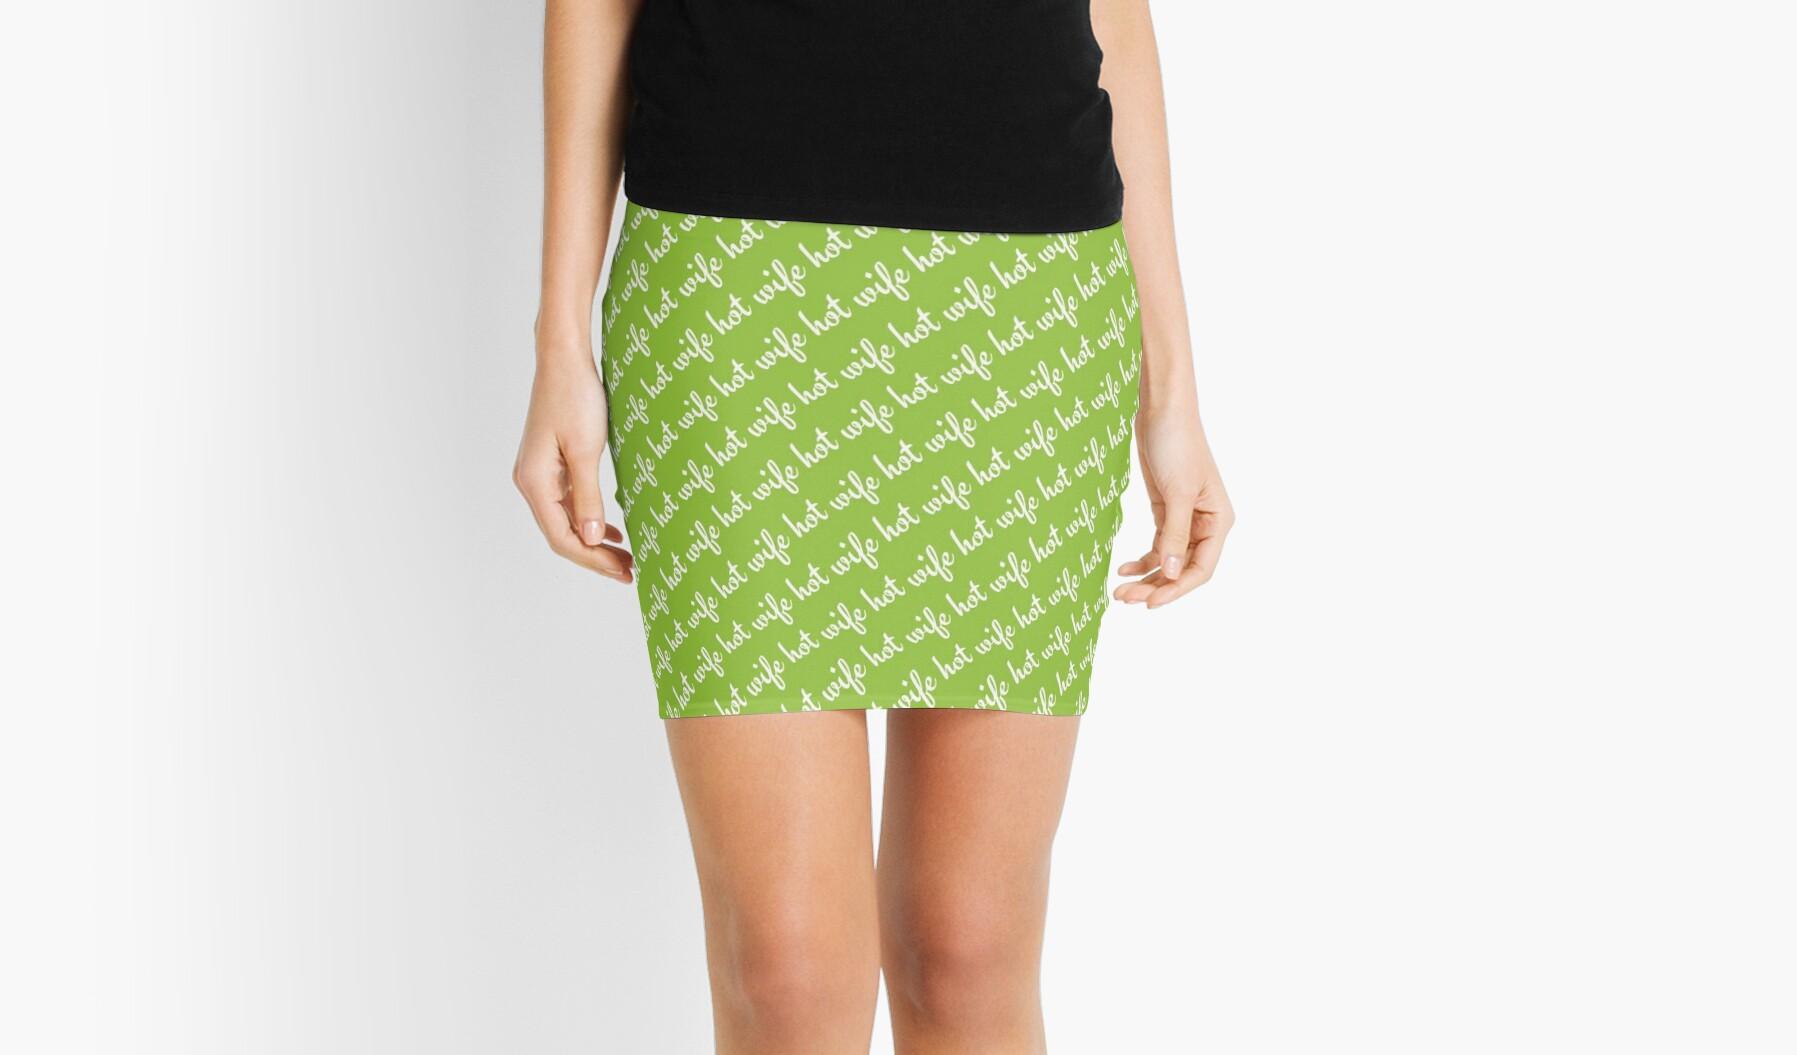 Hotwife skirt